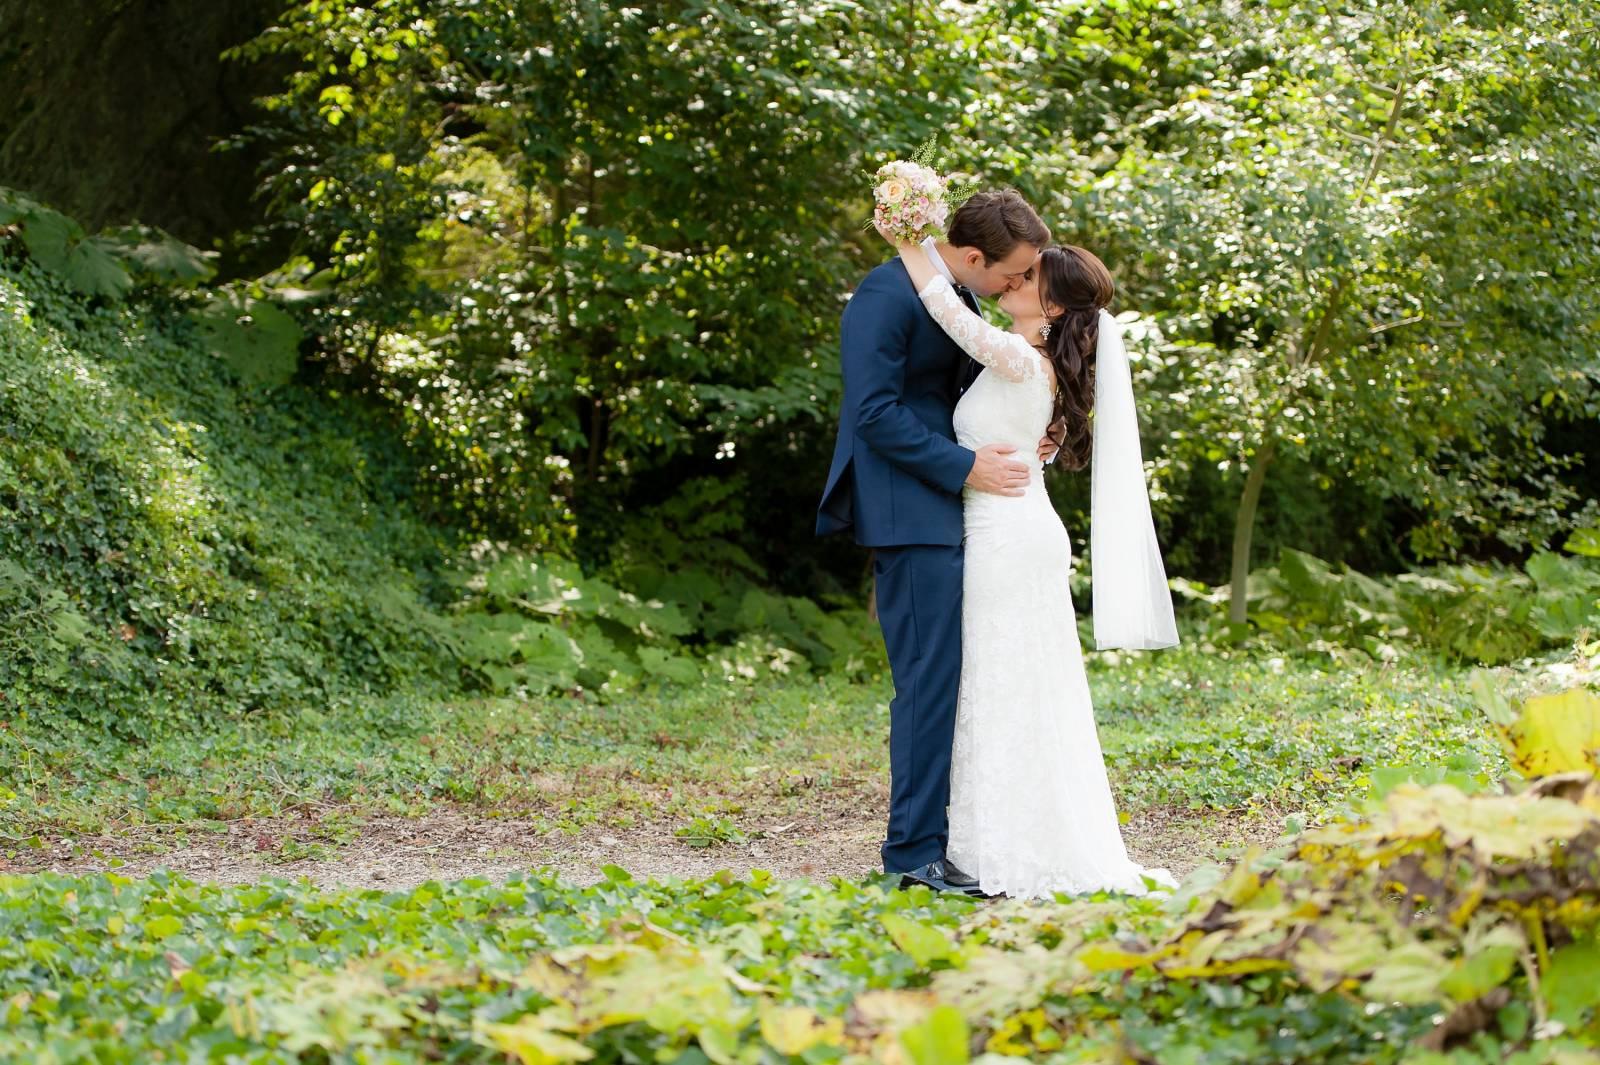 Domein Saint-Hubert - House of Weddings - Feestzaal Oost-Vlaanderen - Ronse - huwelijk - ceremonie cateri (3)